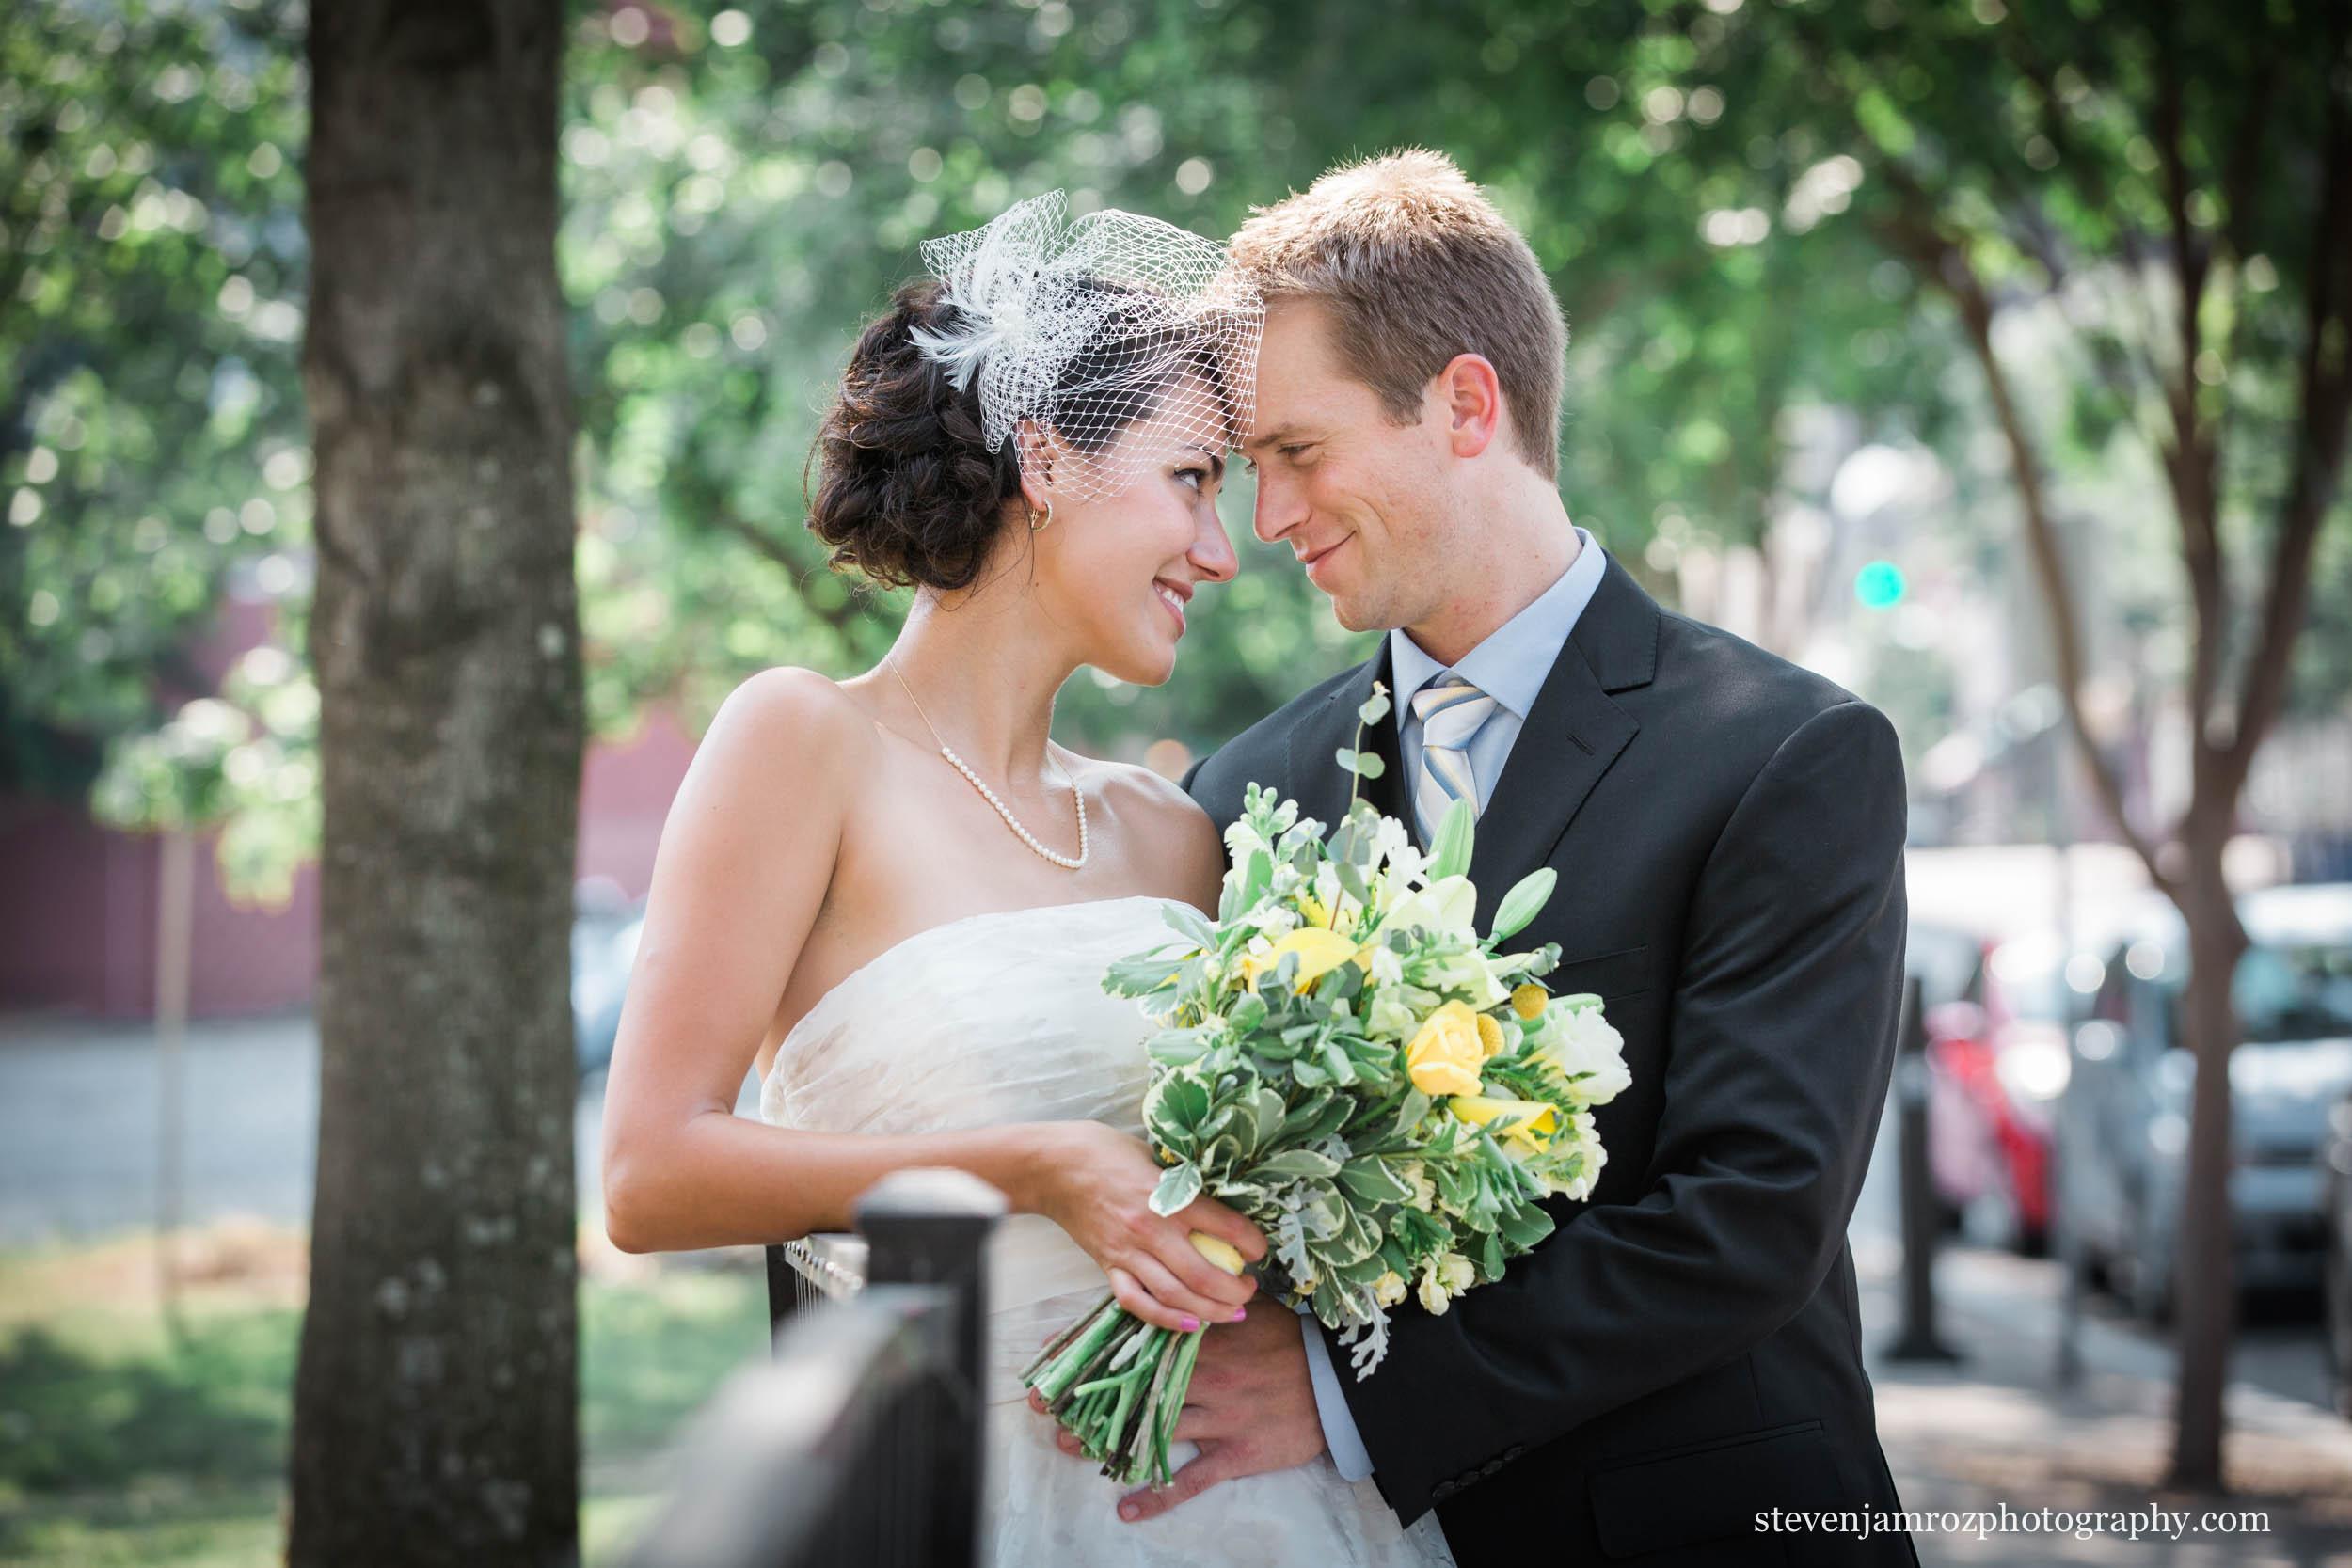 sidewalk-raleigh-wedding-portrait-steven-jamroz-photography-0106.jpg